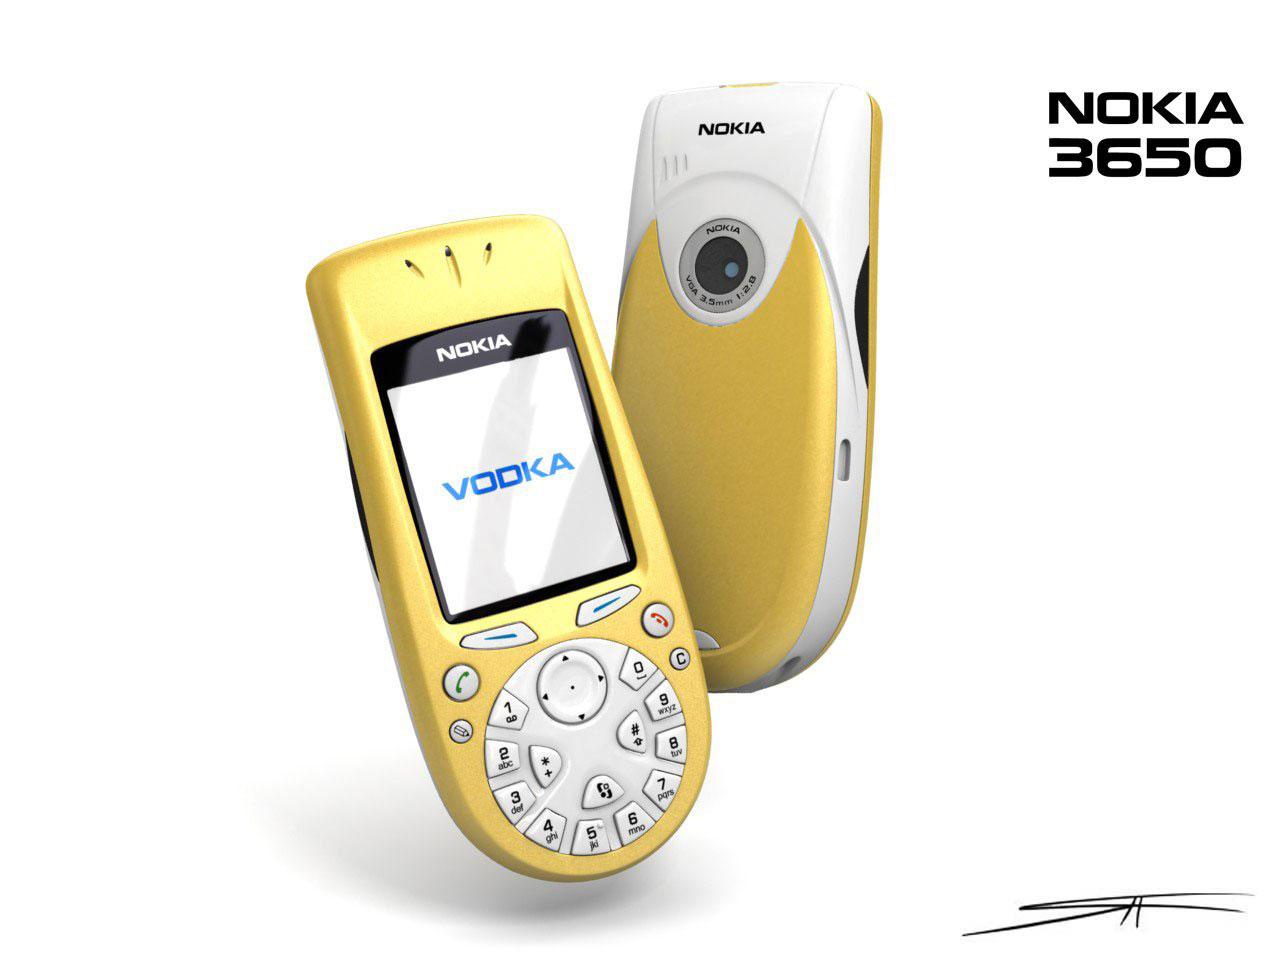 نوکیا ۳۶۵۰